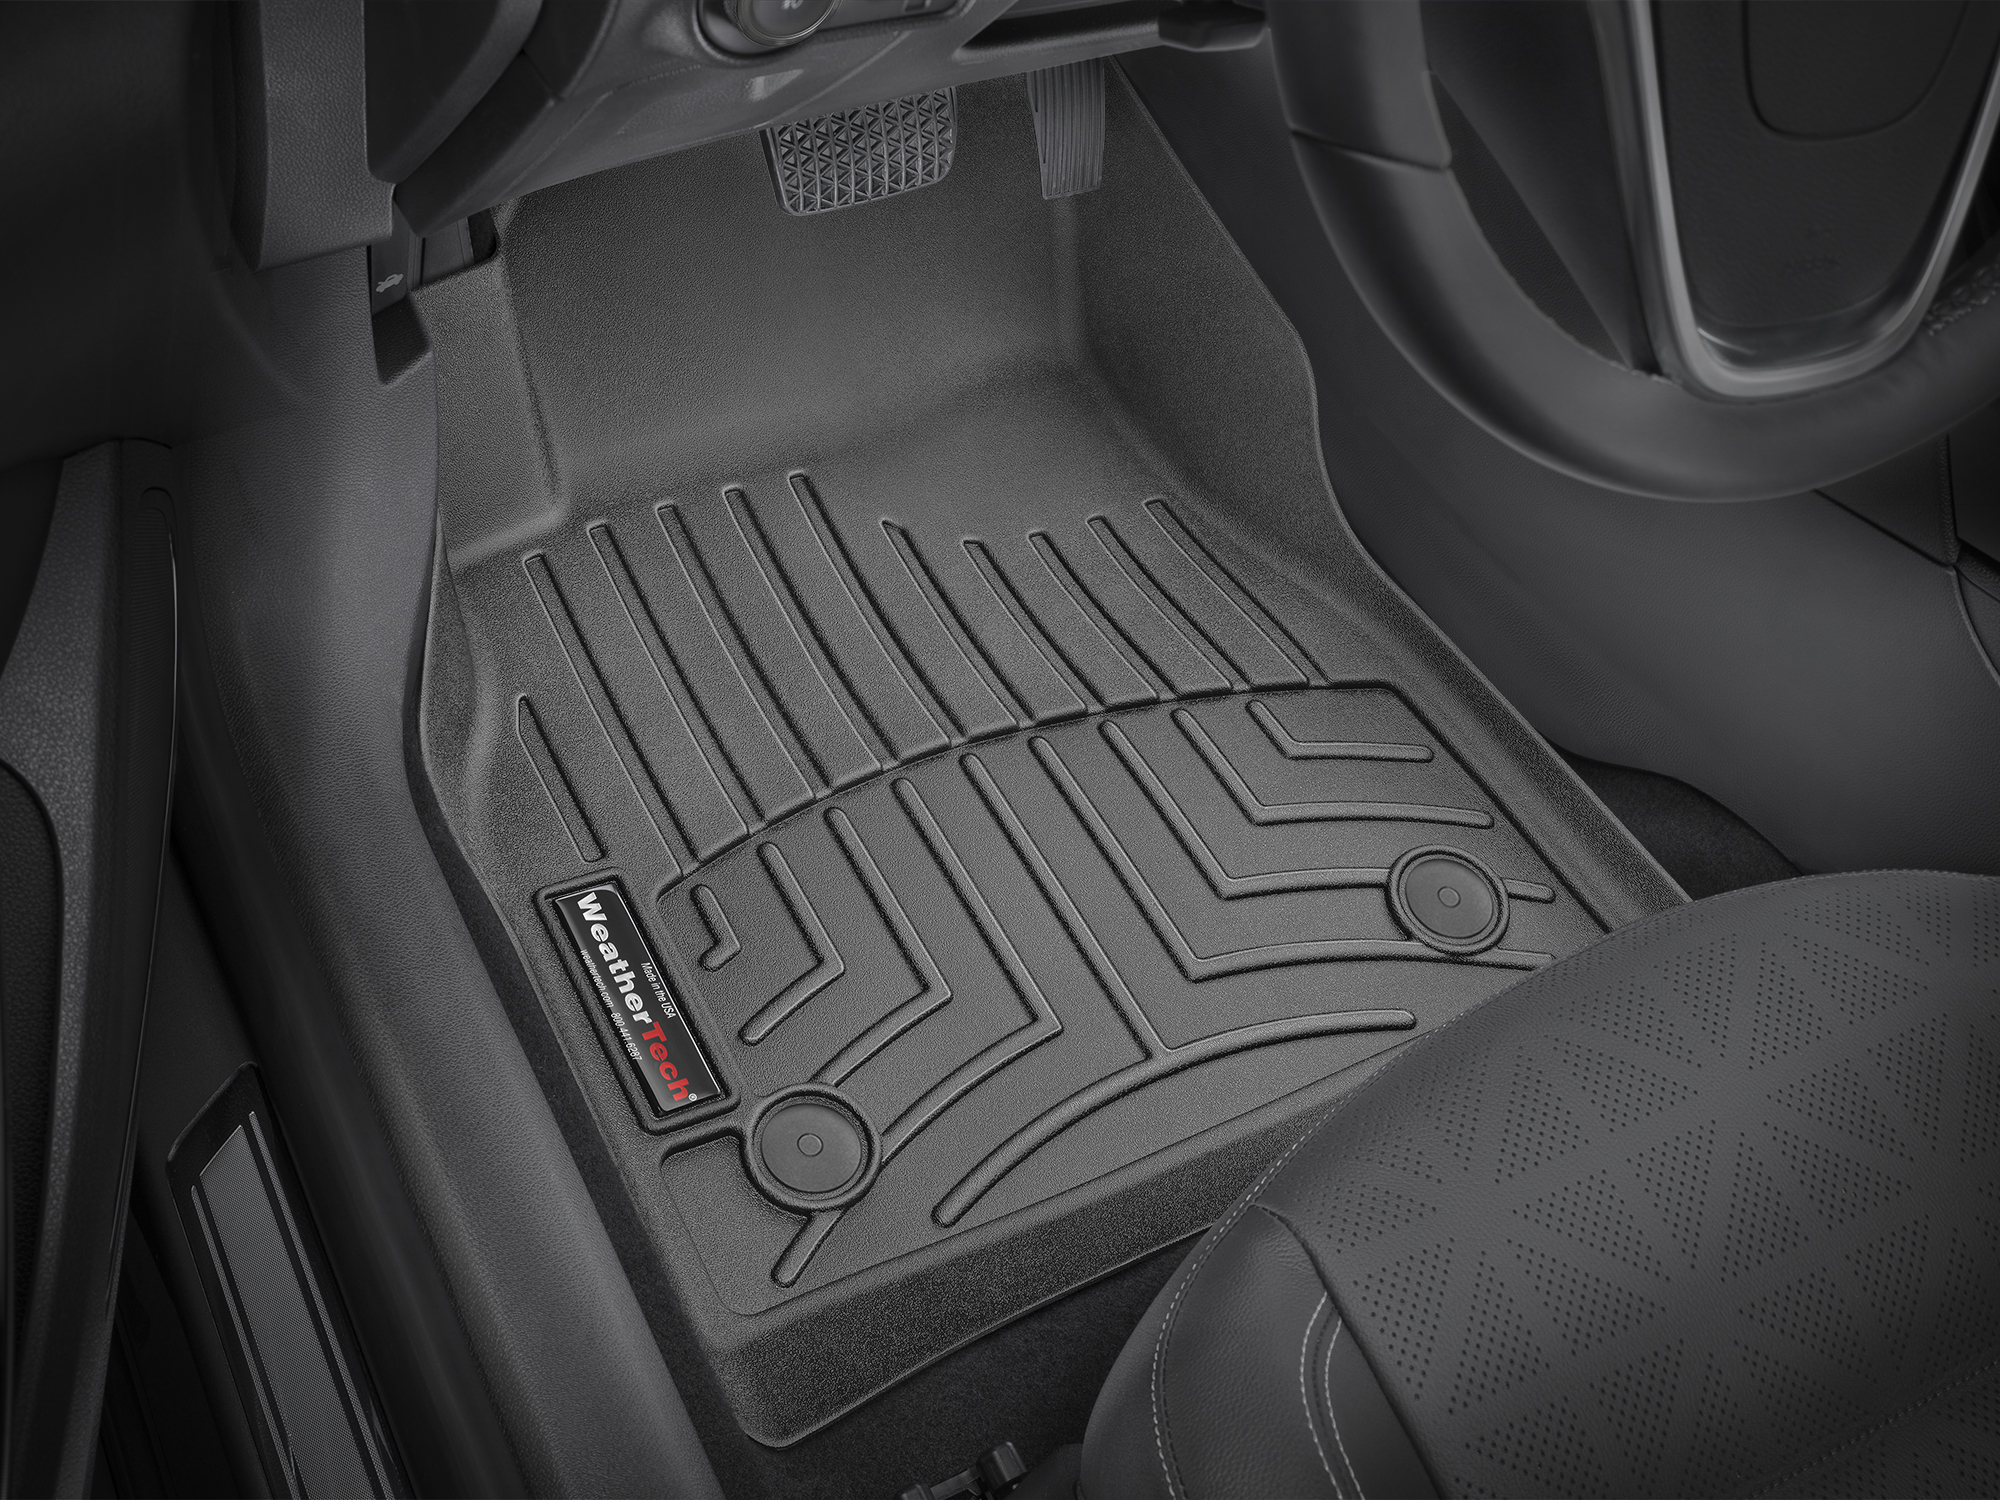 Tappeti gomma su misura bordo alto Opel Astra 15>15 Nero A2968